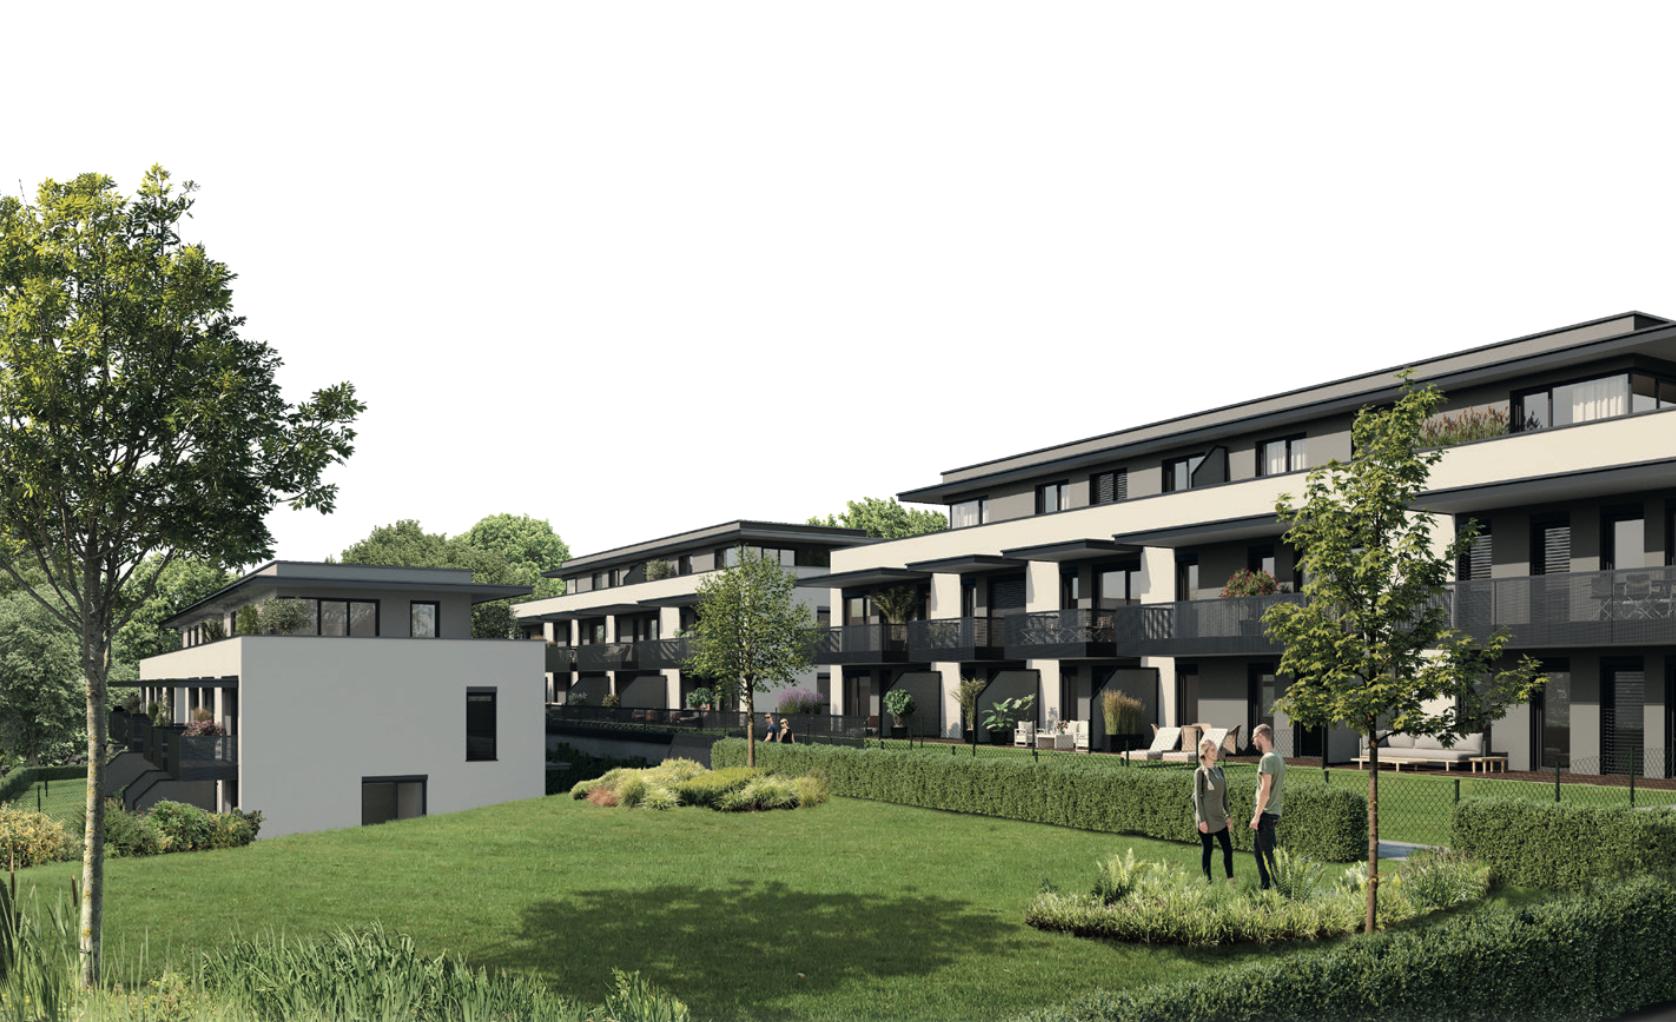 ST.-PETER: Neubau-Wohnung mit großem Balkon in Grünlage!